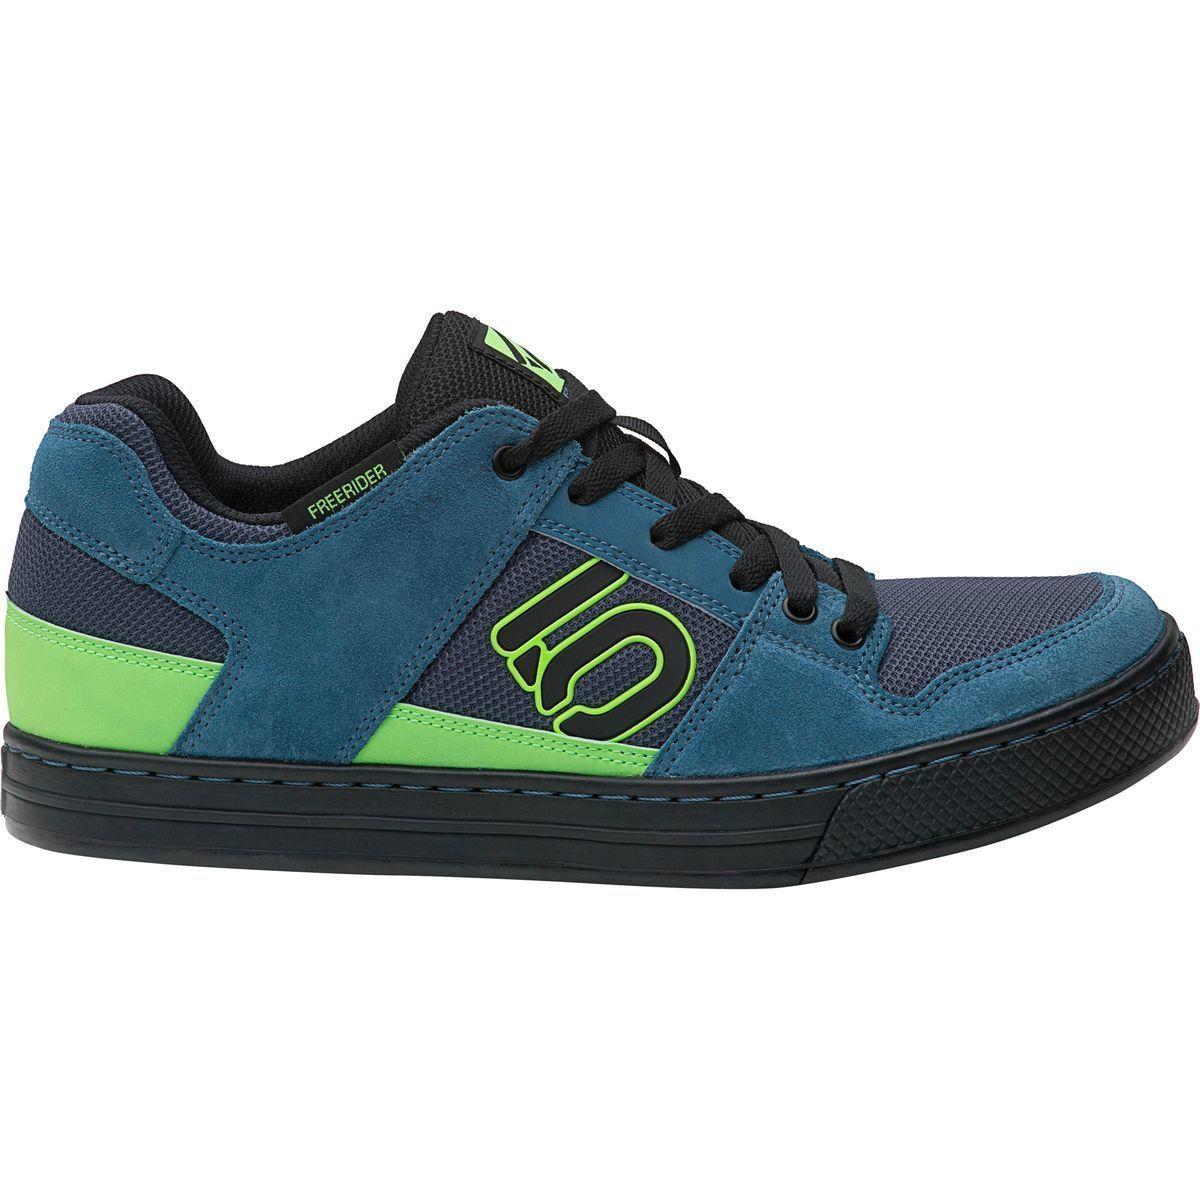 Five Ten Freerider Shoe Blanch Blue 9.0 Cycling shoes